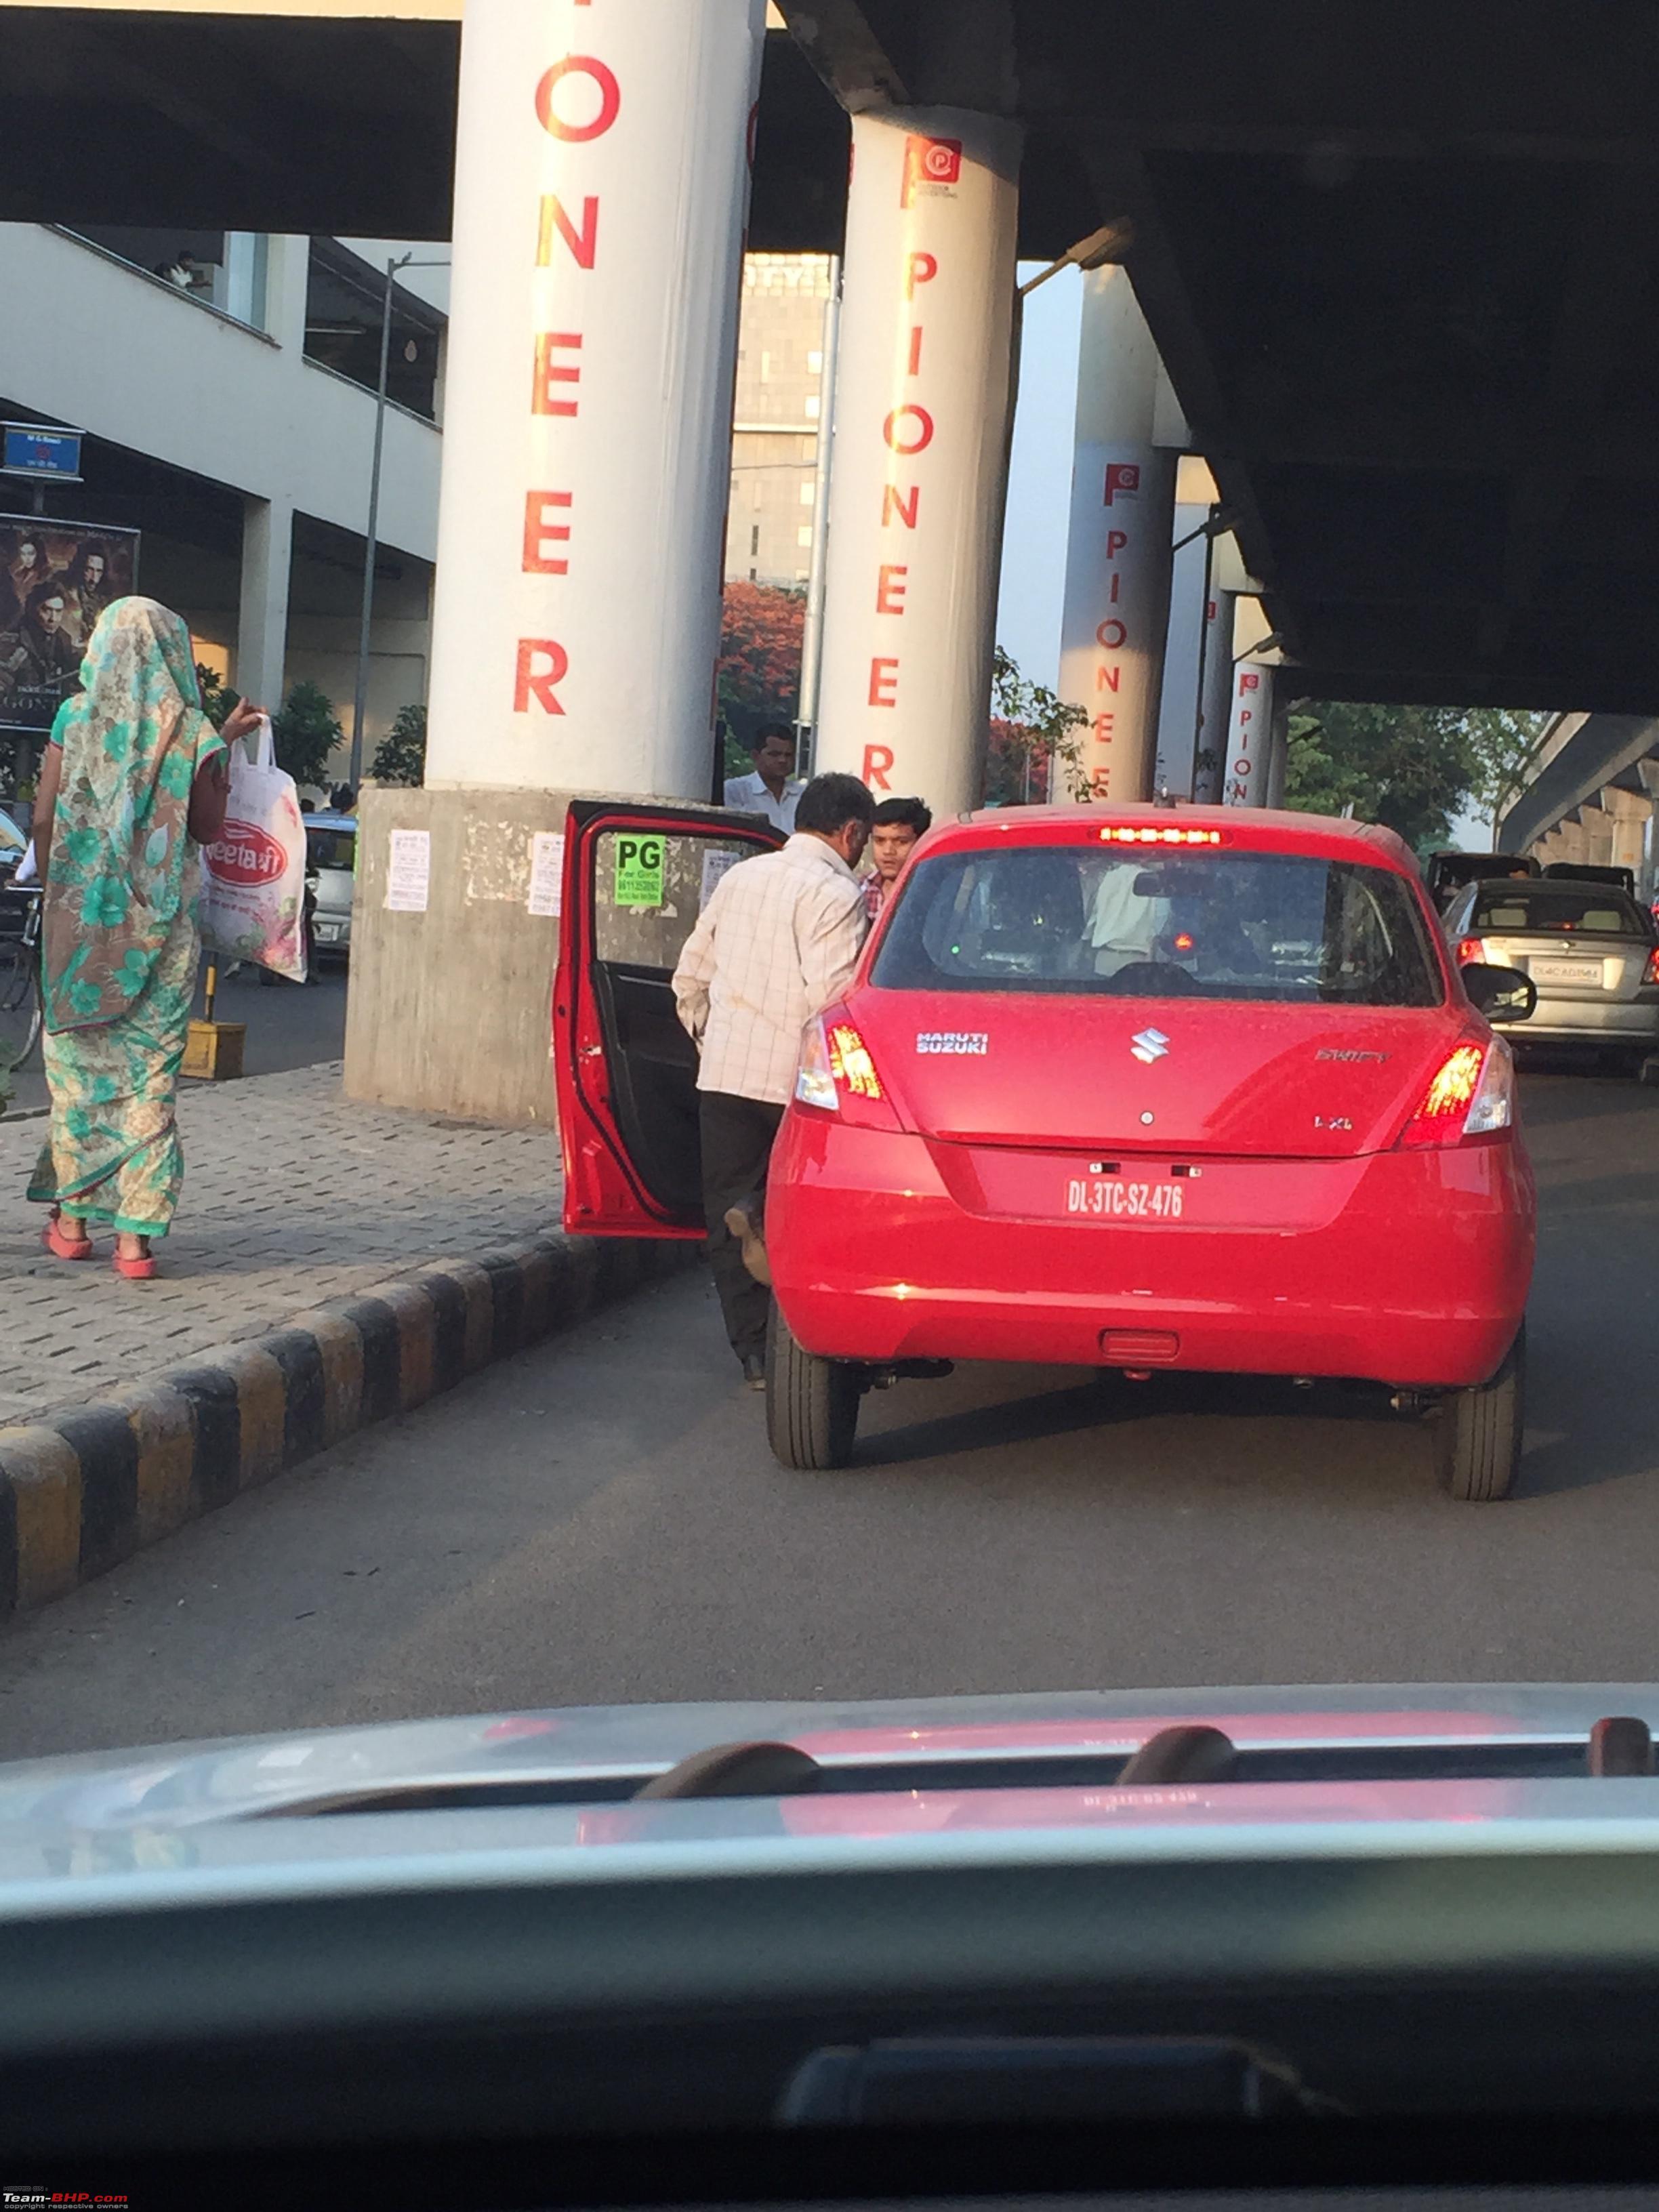 Suzuki Swift Used As Taxi (6)